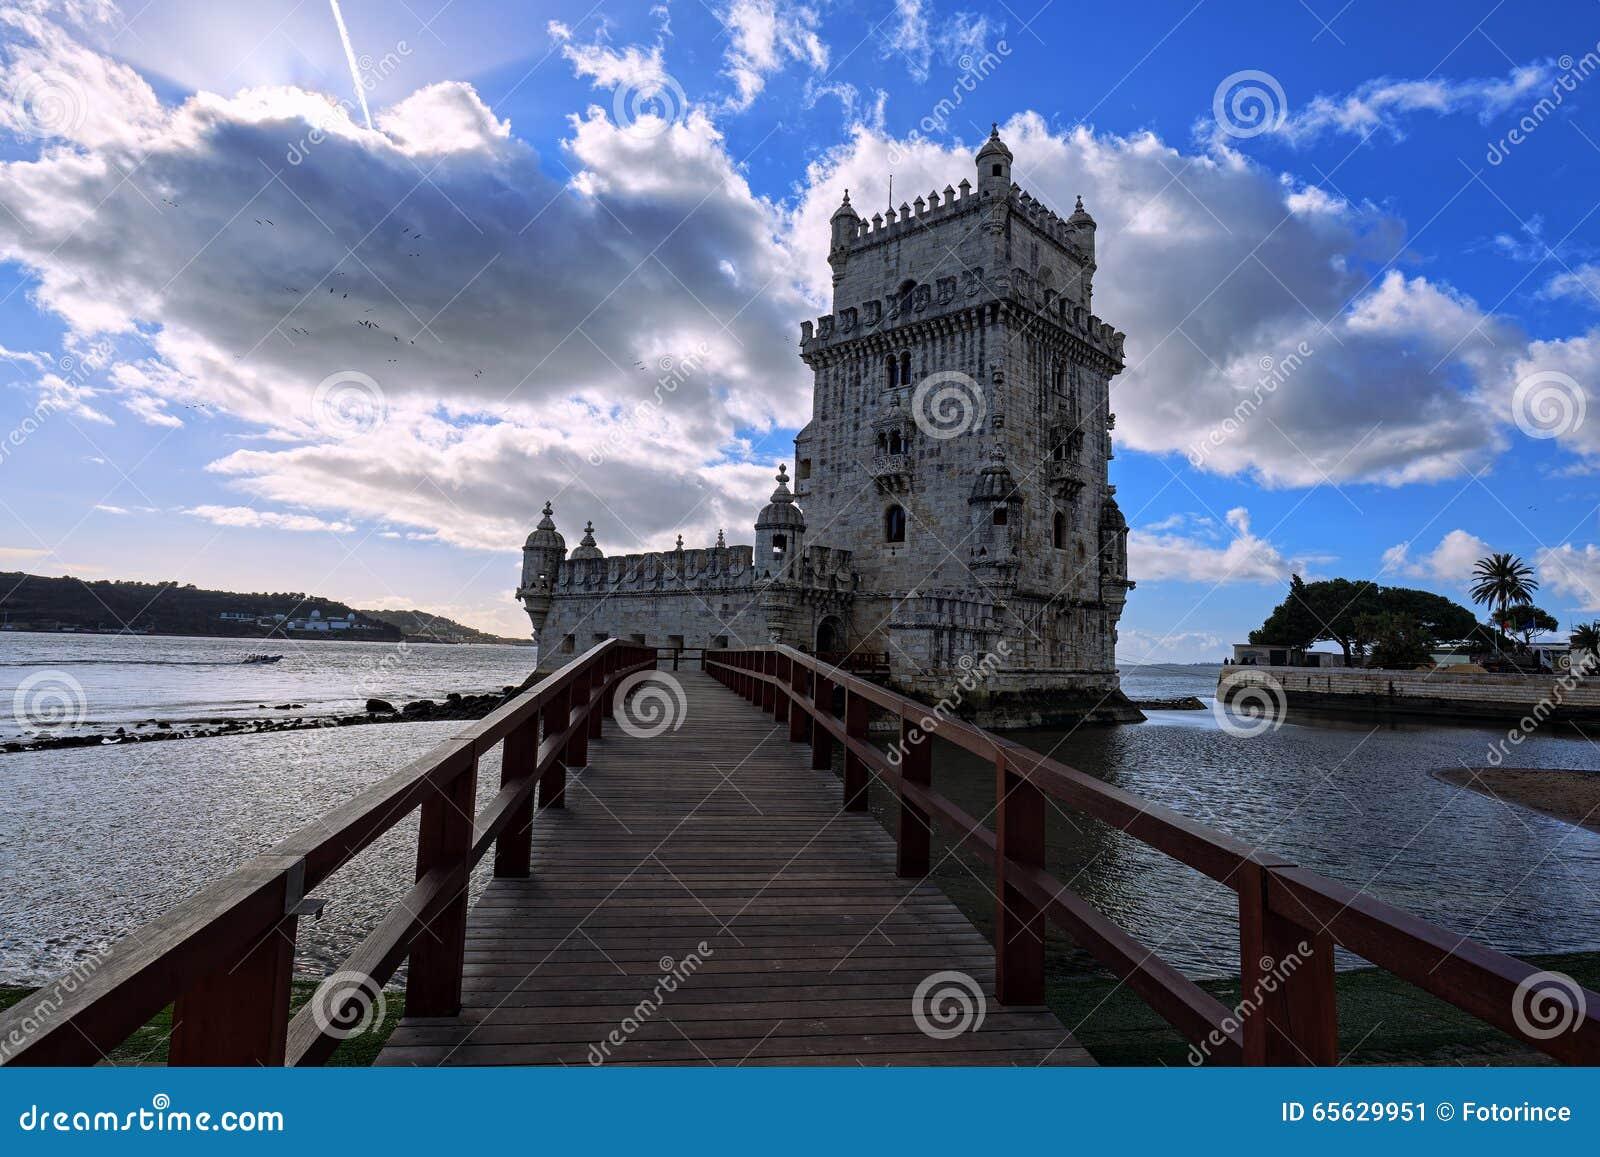 Tour de Belem à Lisbonne sur la rivière le Tage, Portugal